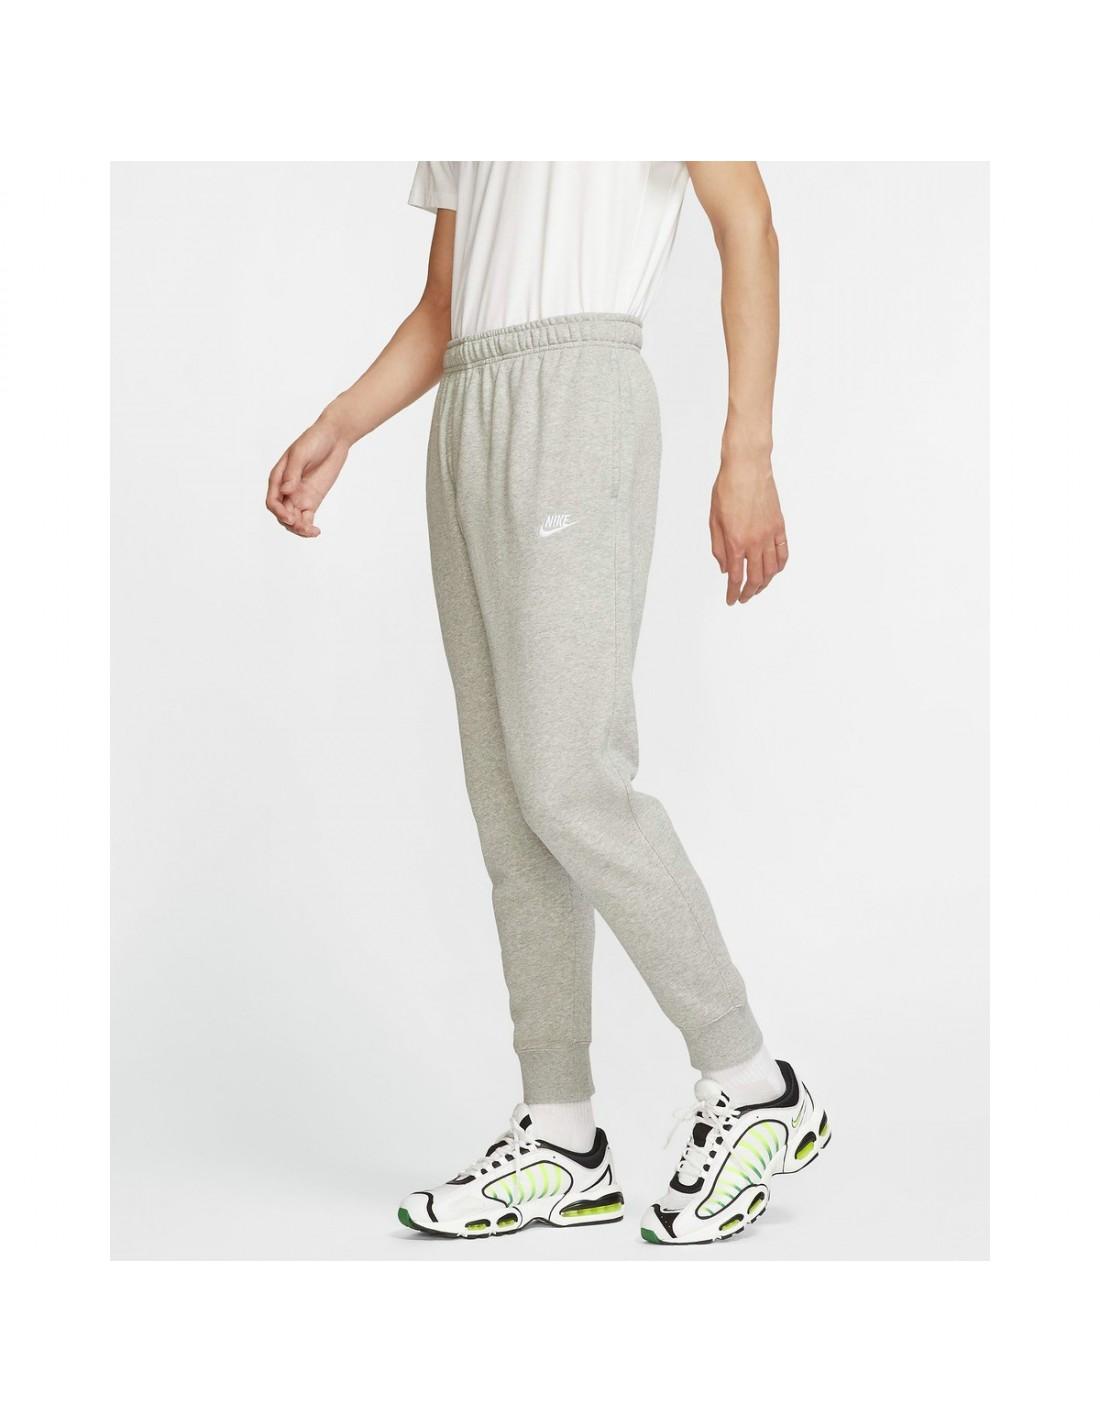 Treningsbukser Herrer Nike Sportswear Club Fleece Herre BV2679 449 kr